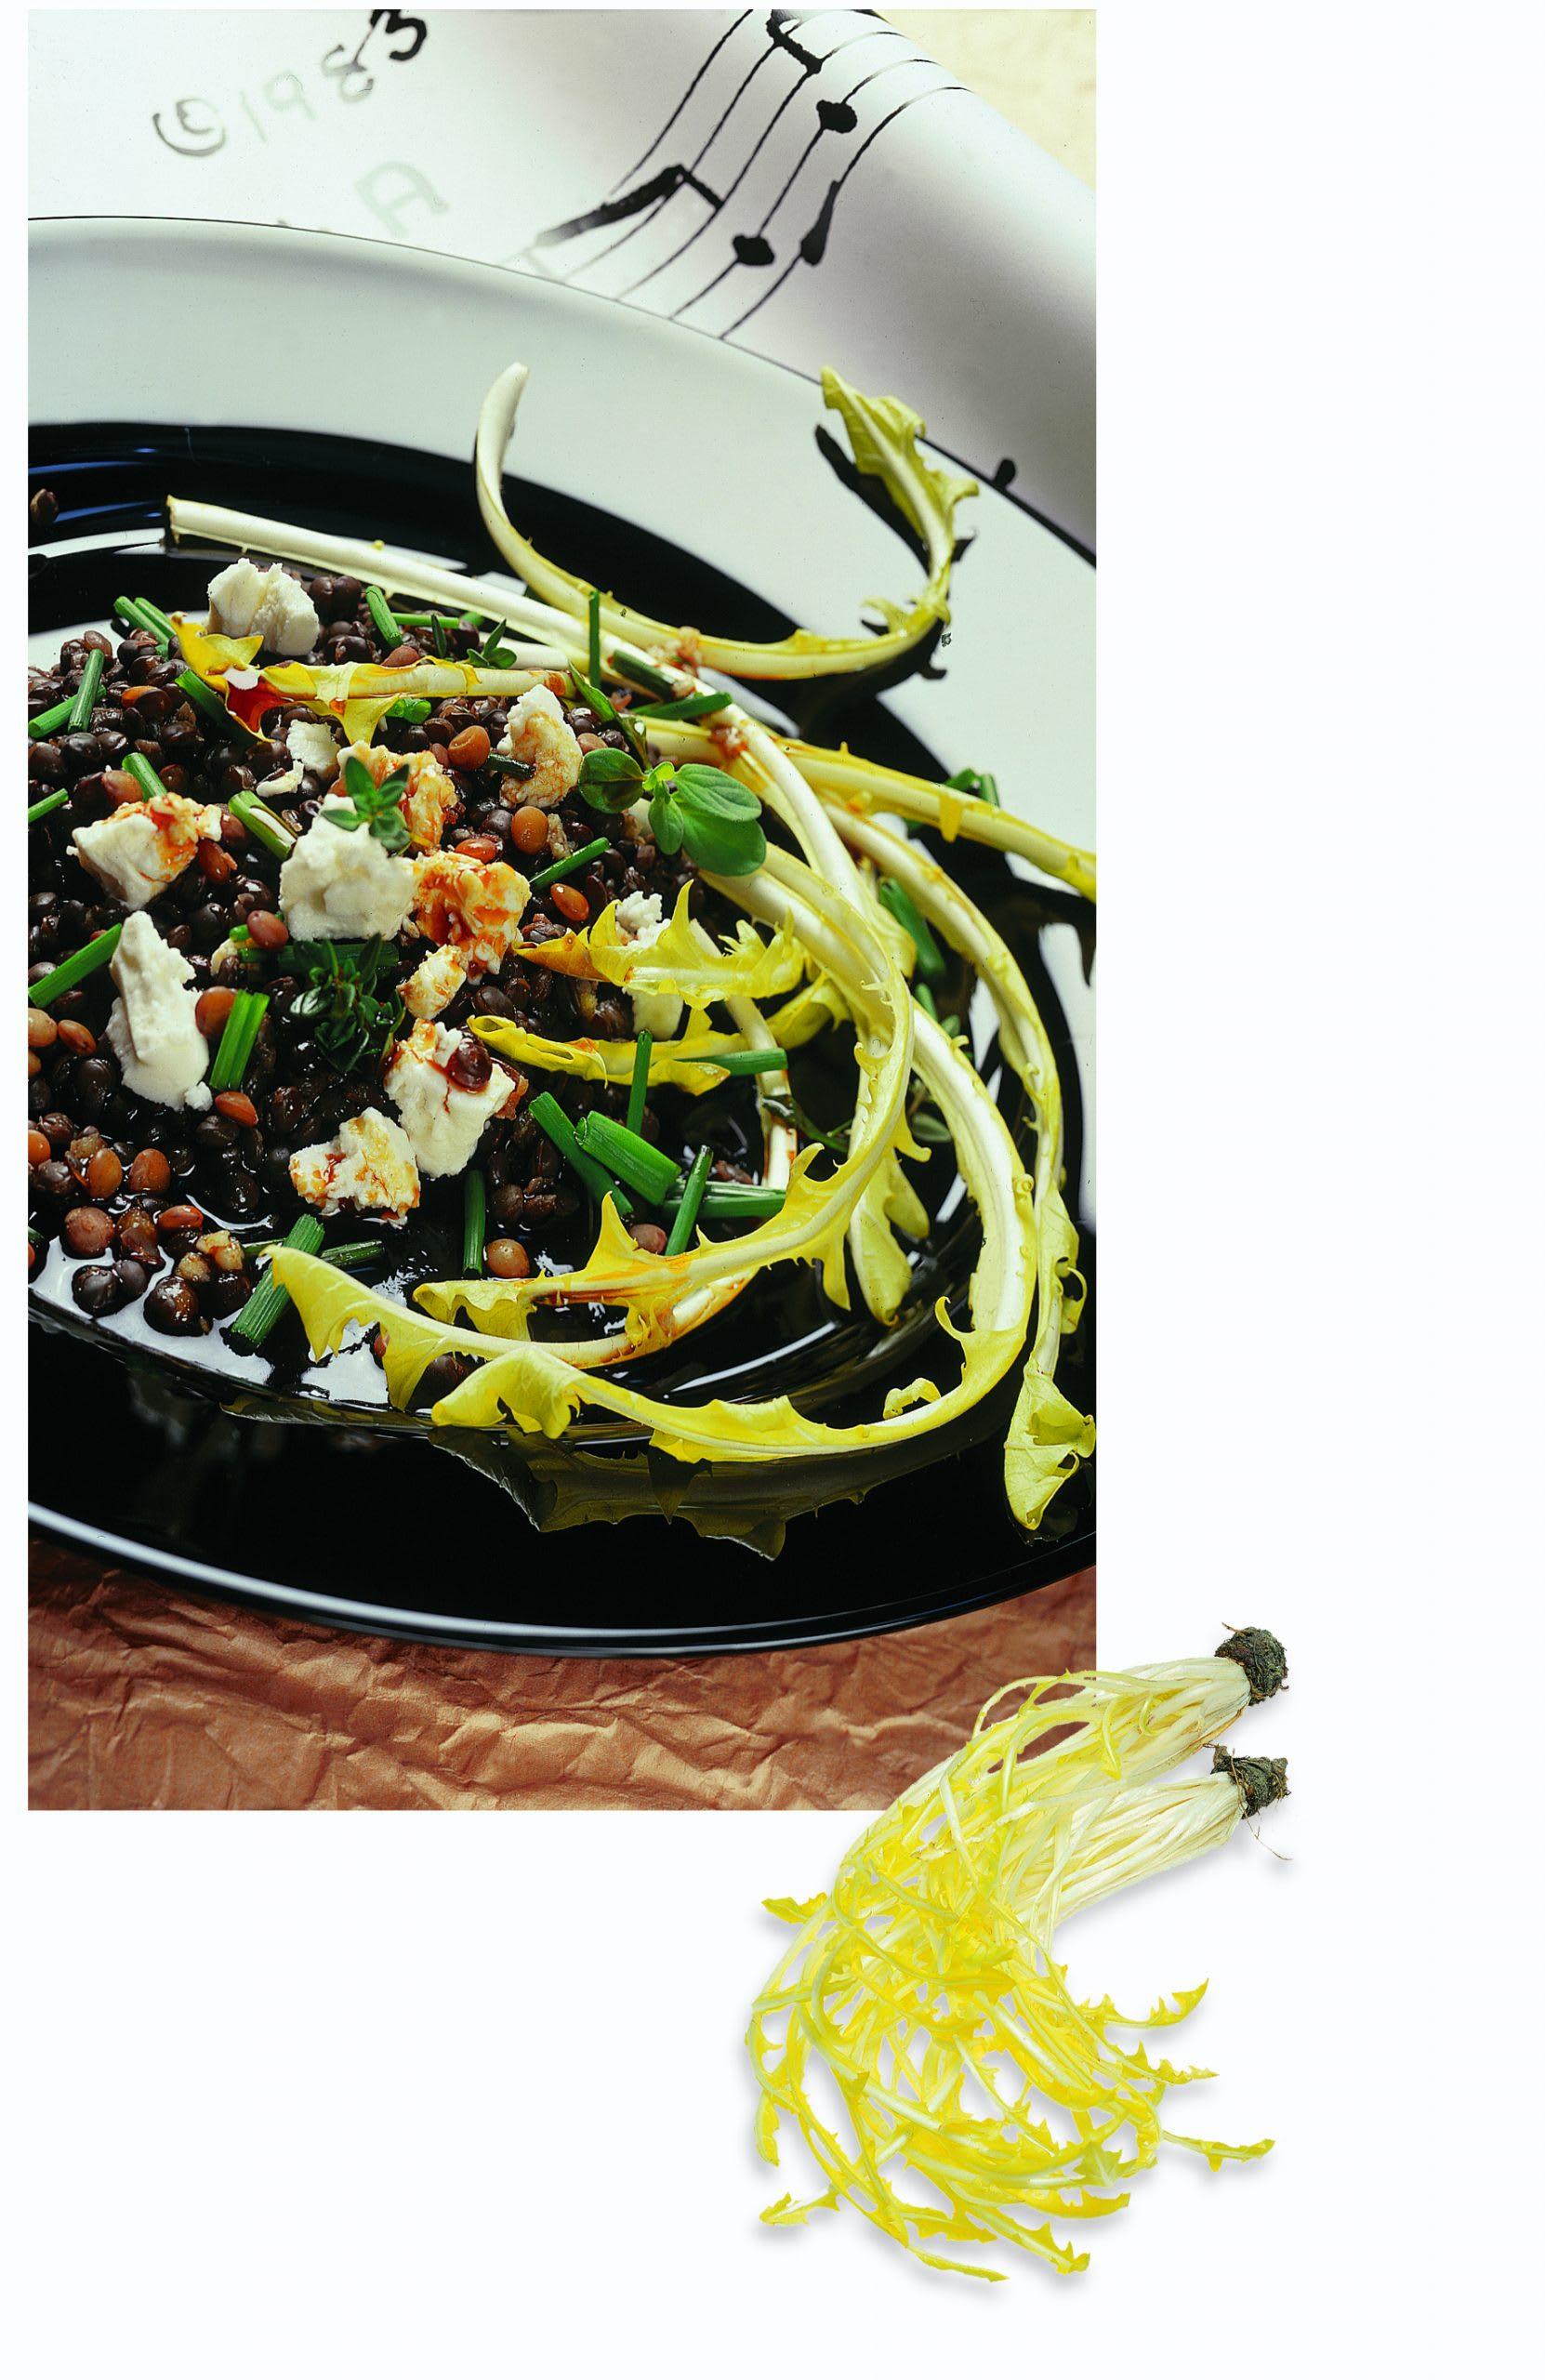 Salade de lentilles à la dent-de-lion avec fromage frais